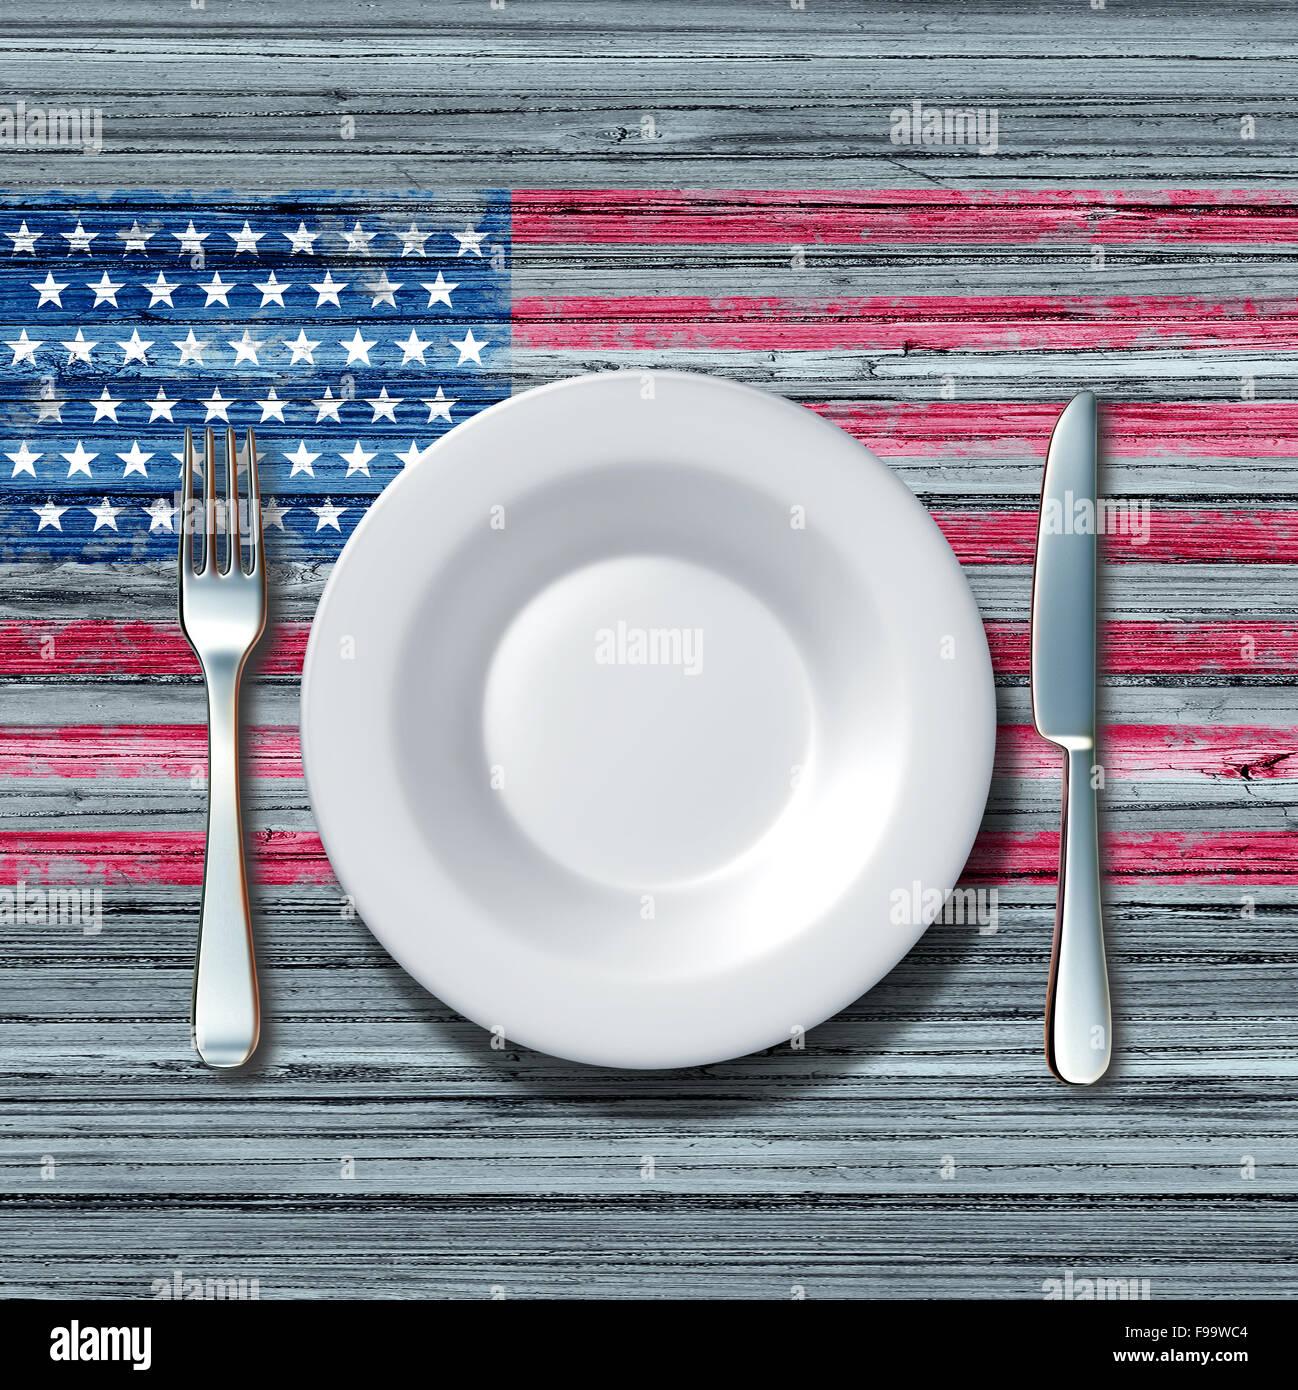 Cuisine américaine food concept comme un lieu avec le couteau et la fourchette sur une vieille table en bois Photo Stock